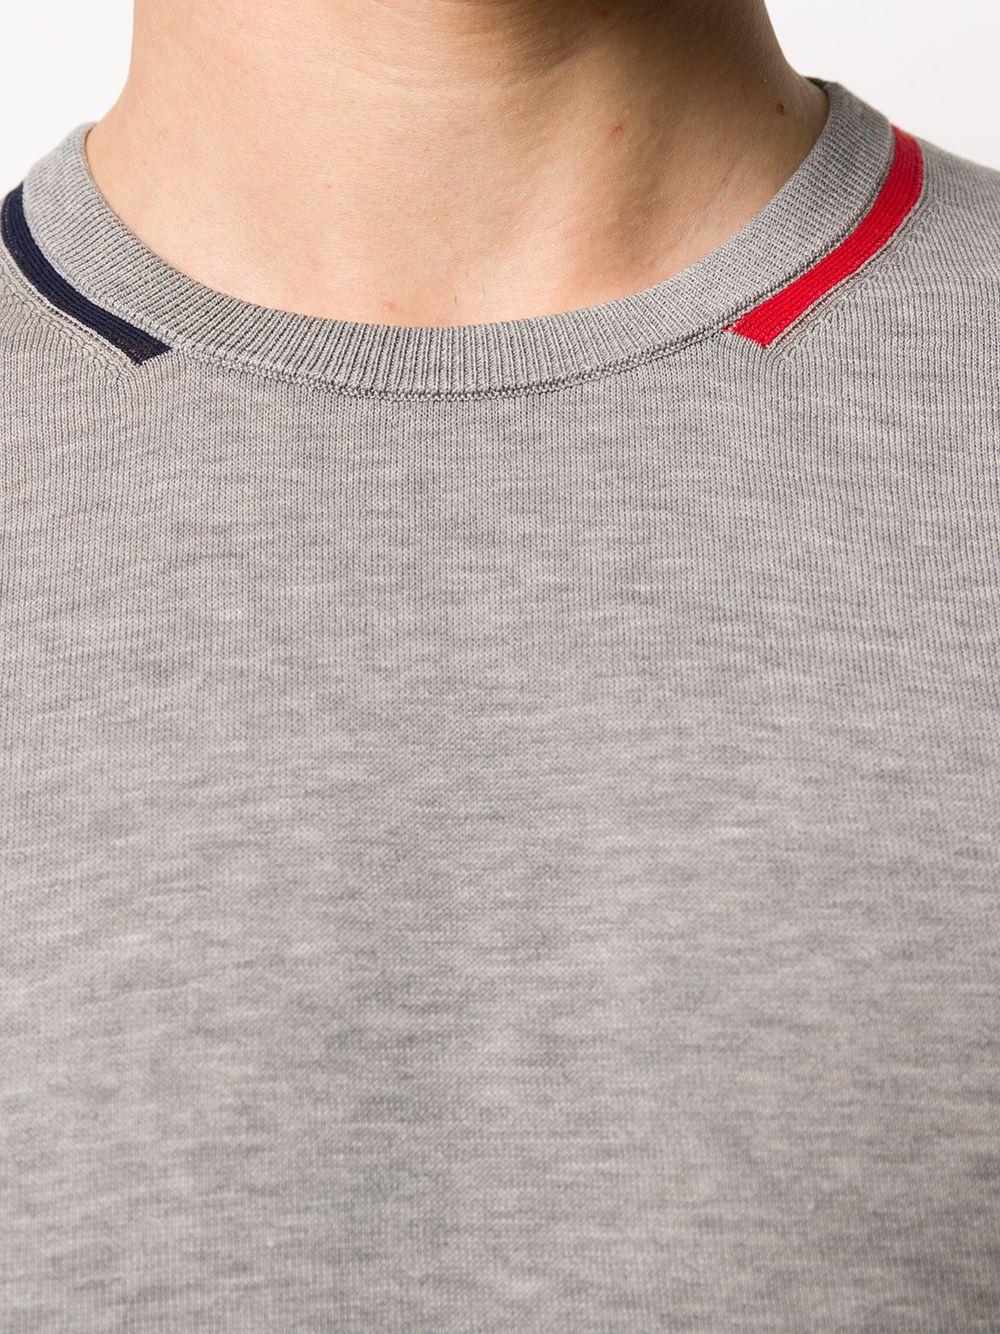 maglia slim fit in cotone grigio caratterizzata da scollo tondo con dettagli blu e rossi MONCLER | Maglieria Moda | 9C709-00-V9121984